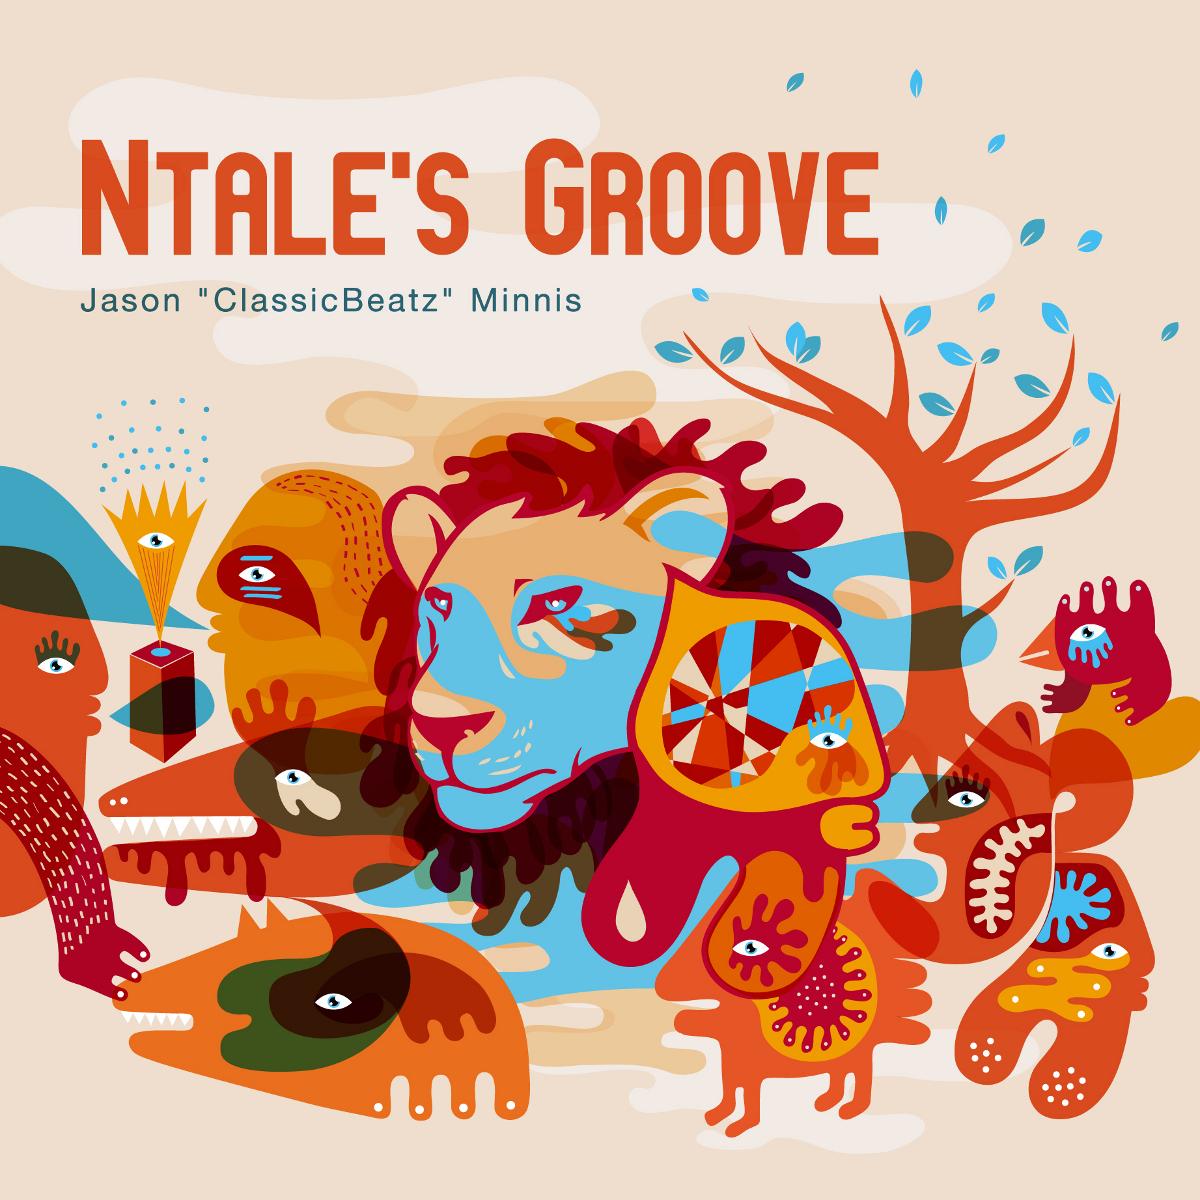 Ntale's Groove